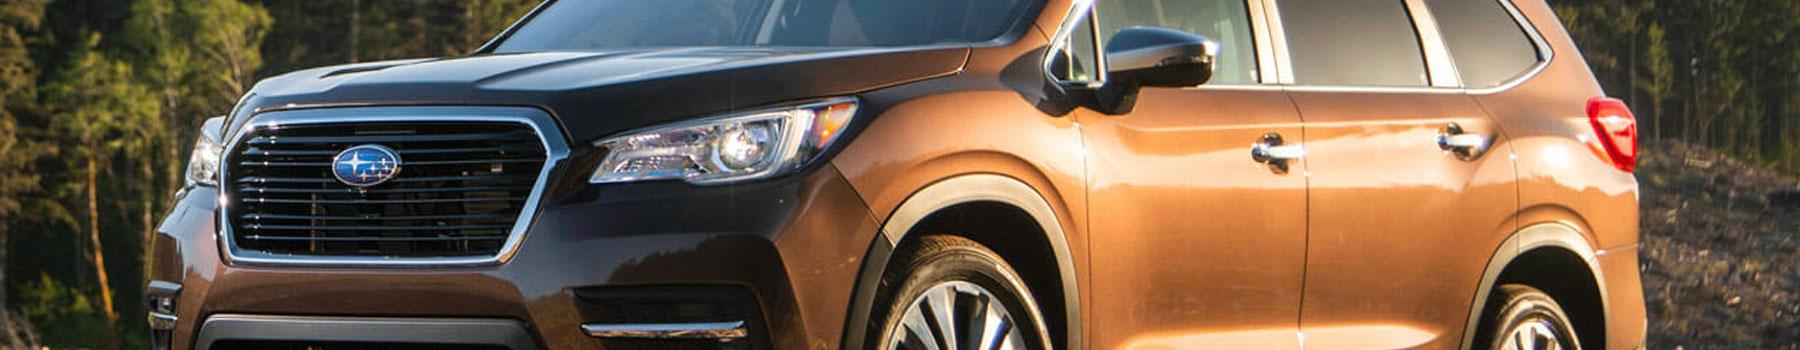 Shop OEM Subaru Touch Up Paint